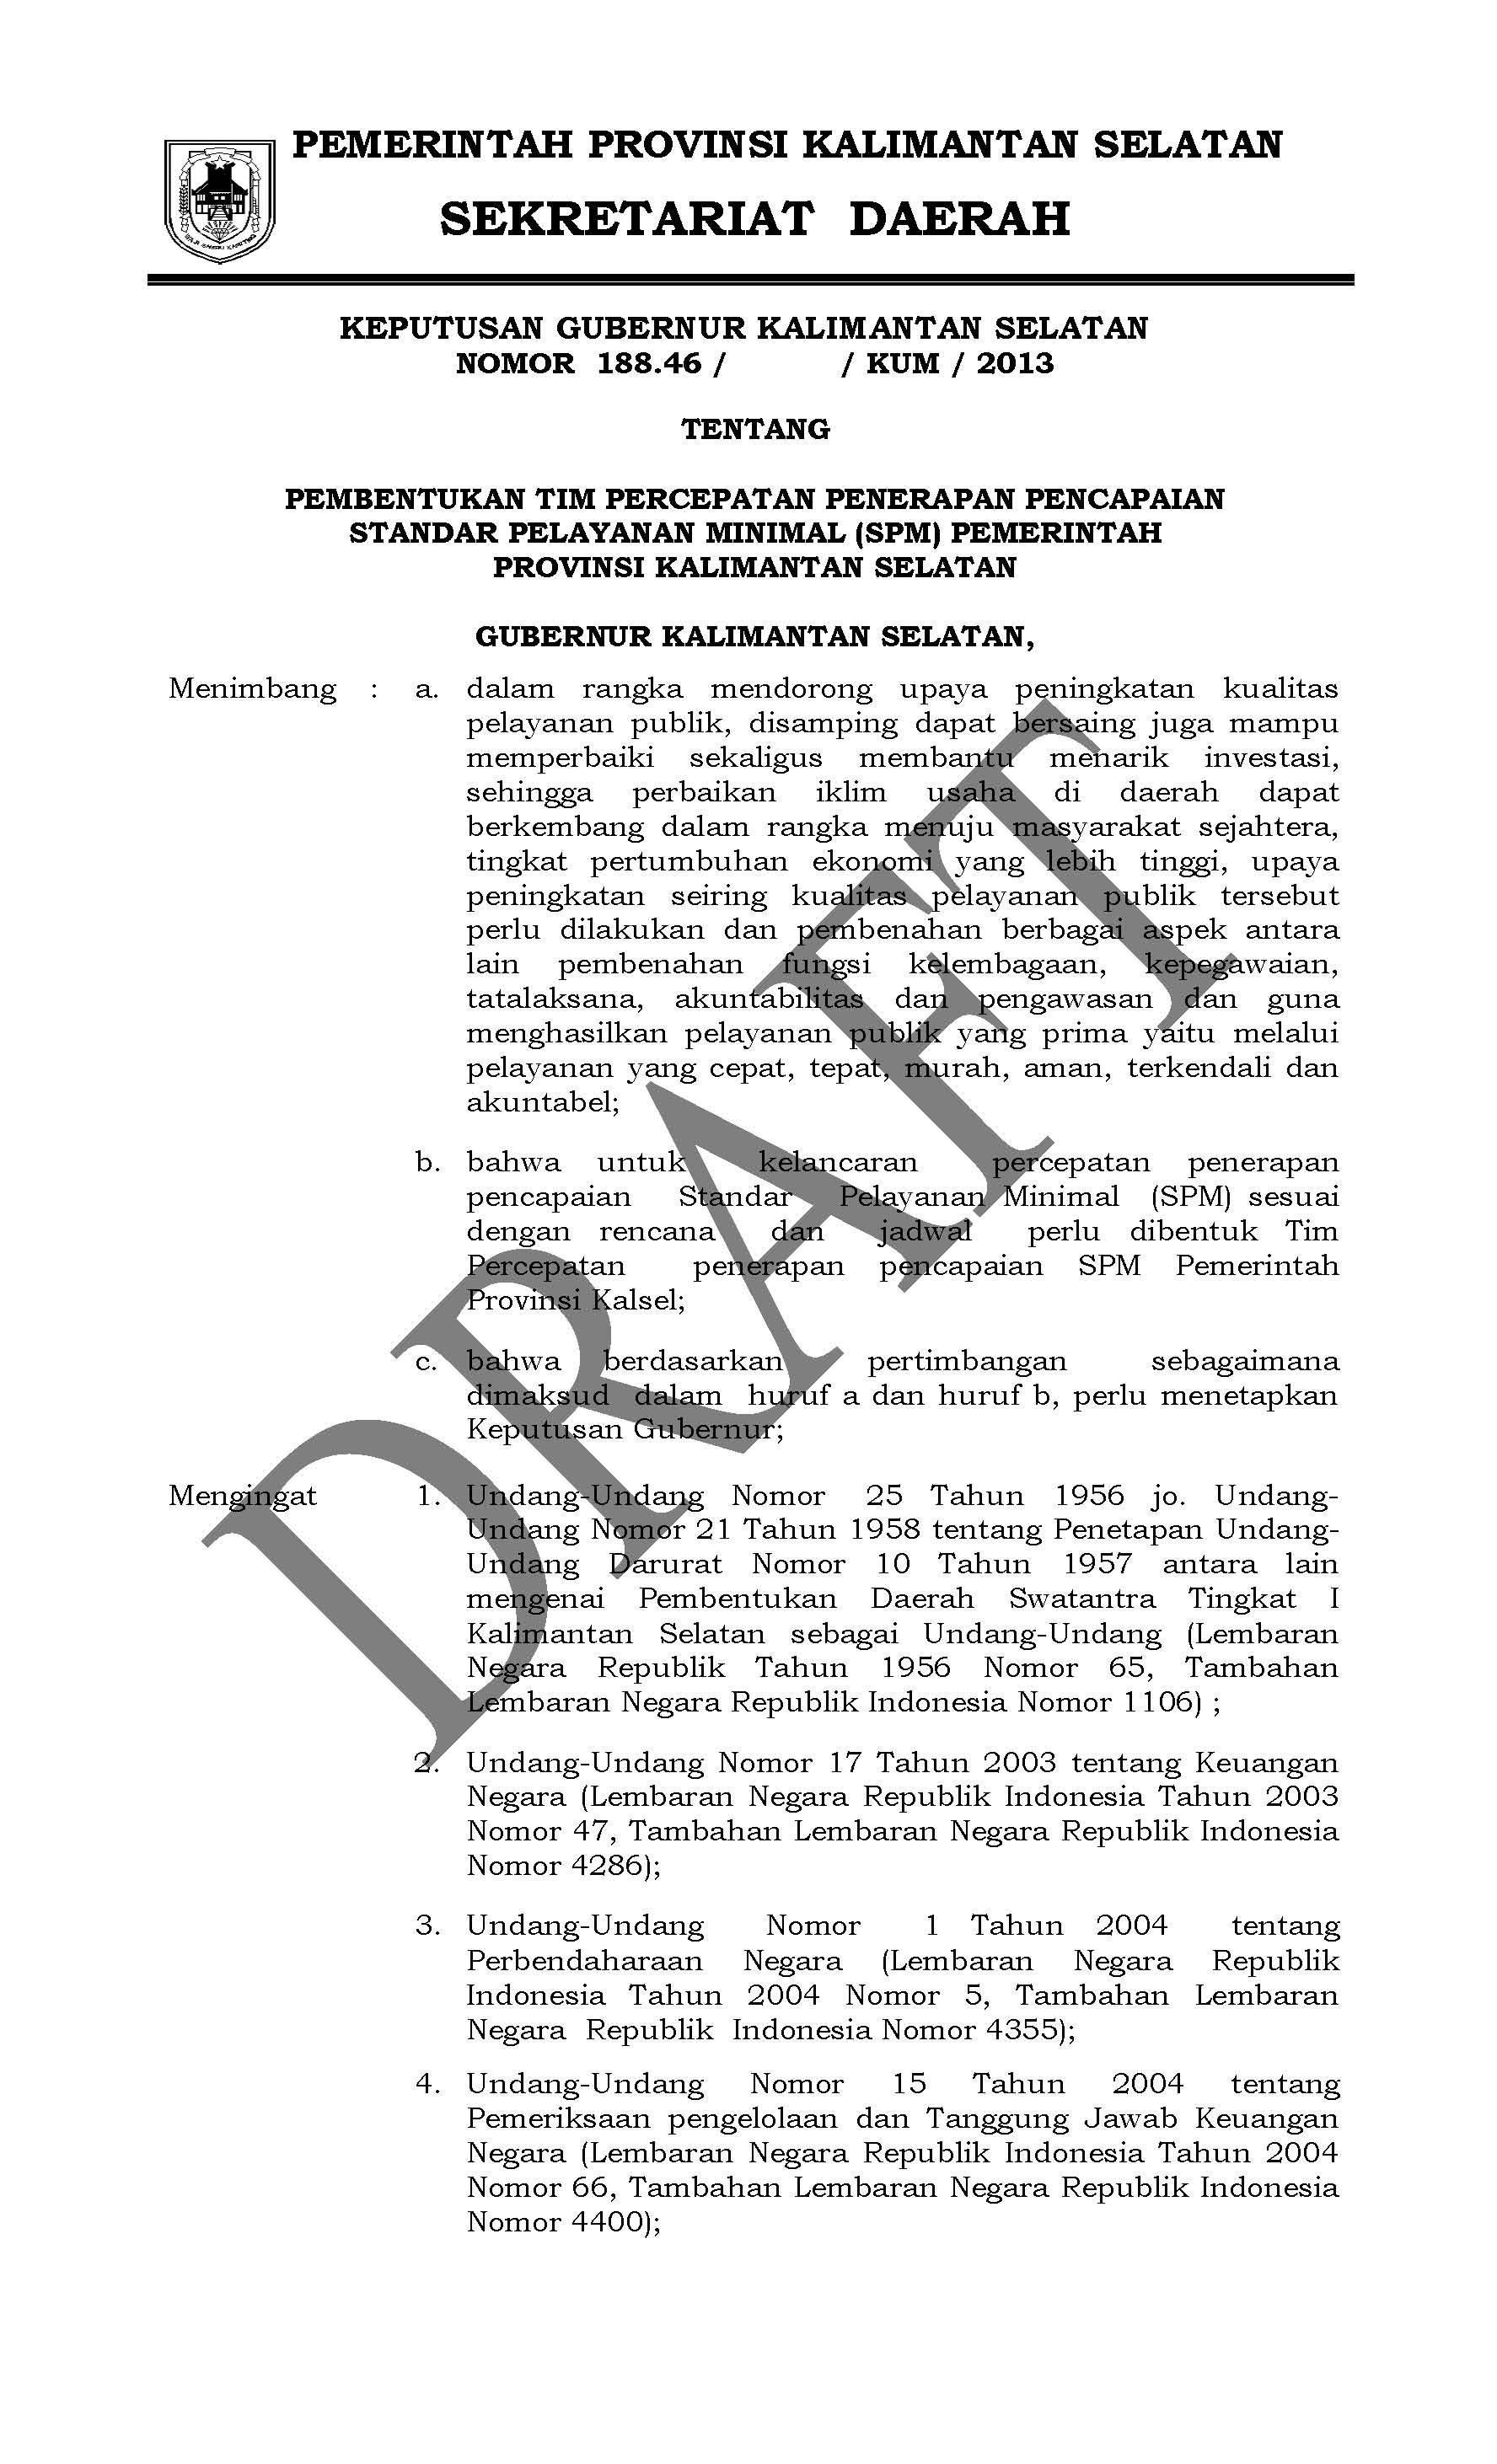 Contoh Rancangan Surat Keputusan Tentang Pembentukan Tim